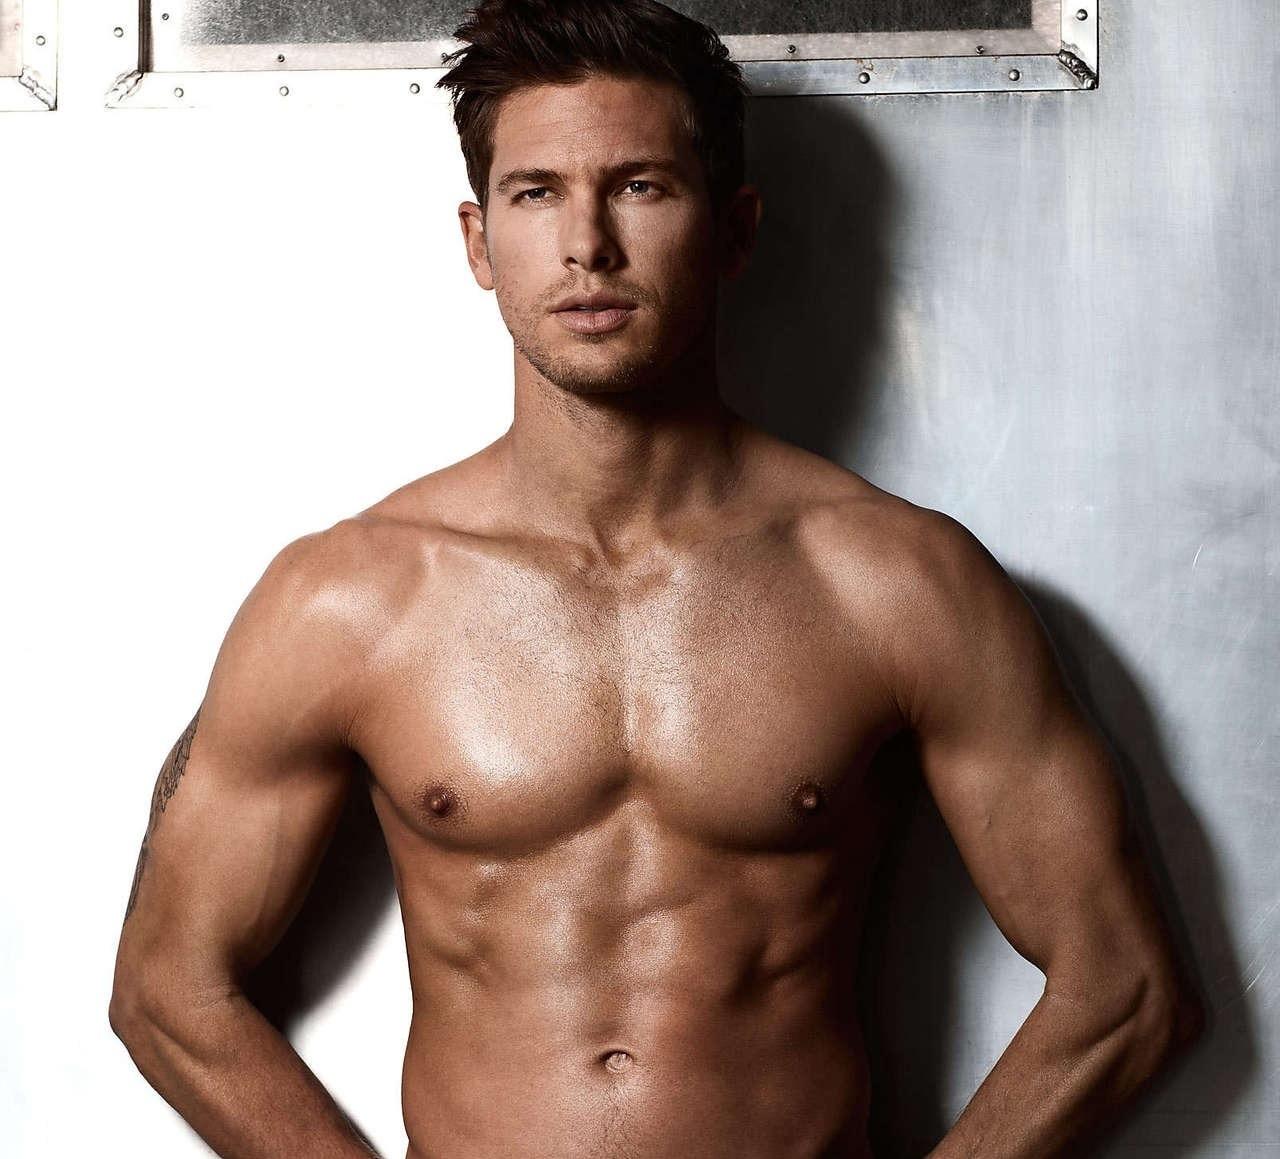 Модели нижнего белья мужчины фото